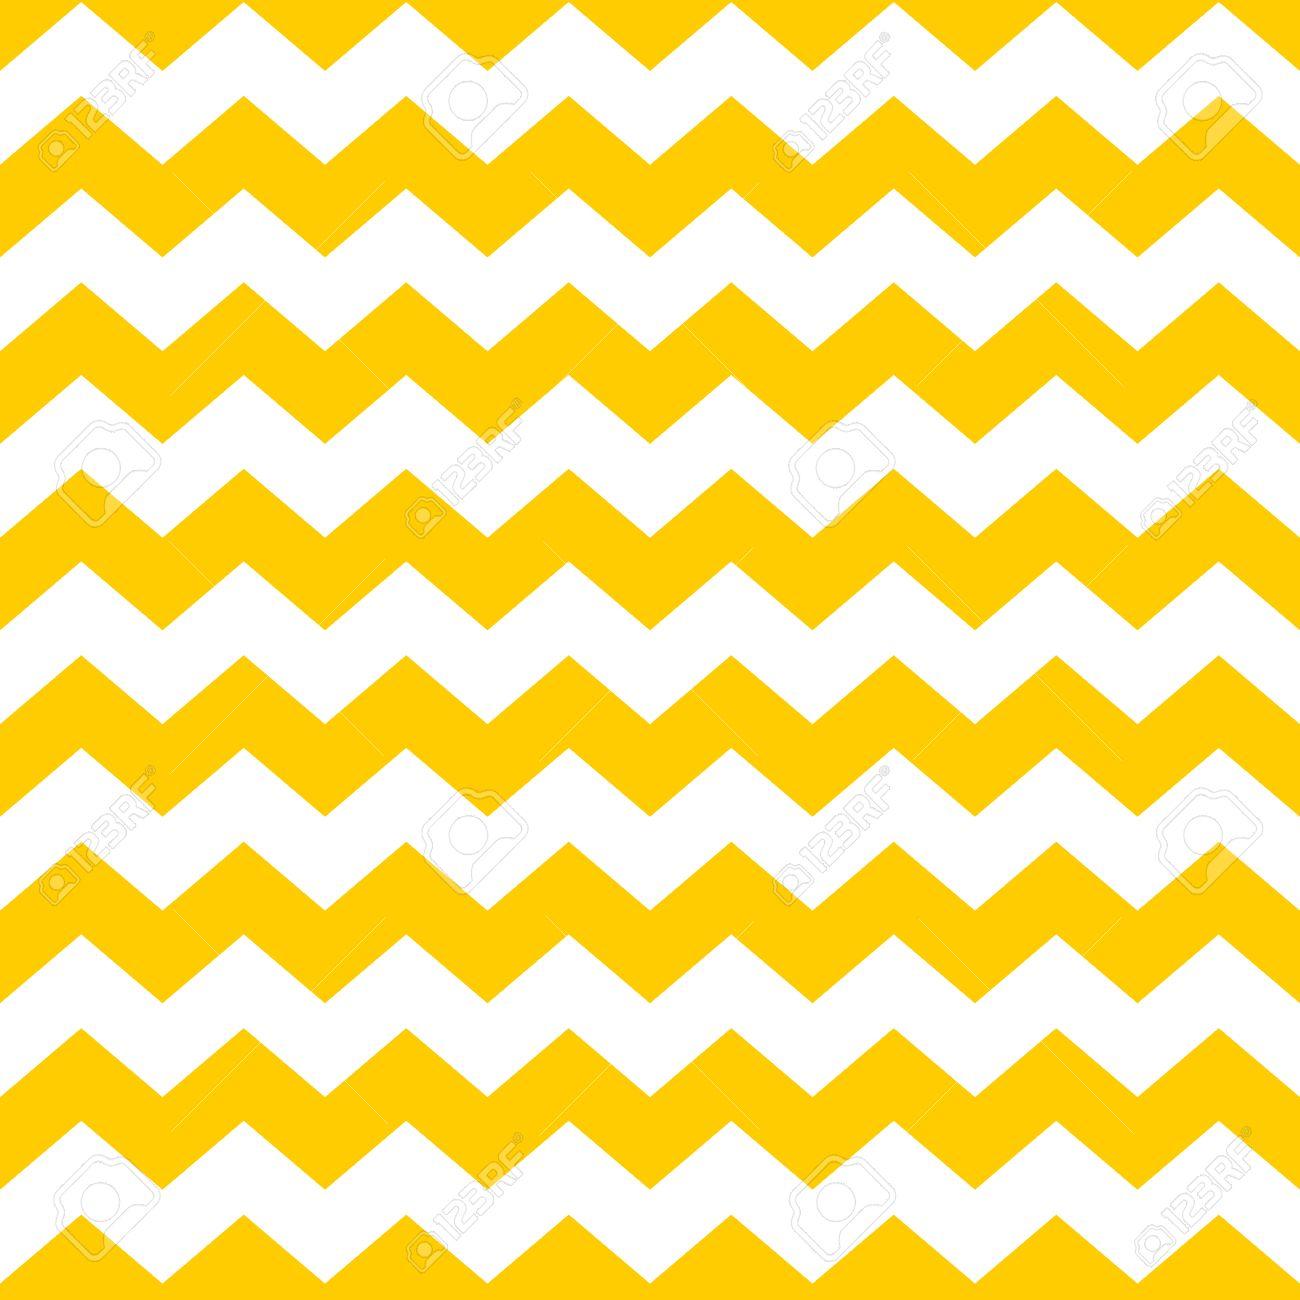 Tile Chevron-Vektor-Muster Mit Gelben Und Weißen Zick-Zack ...